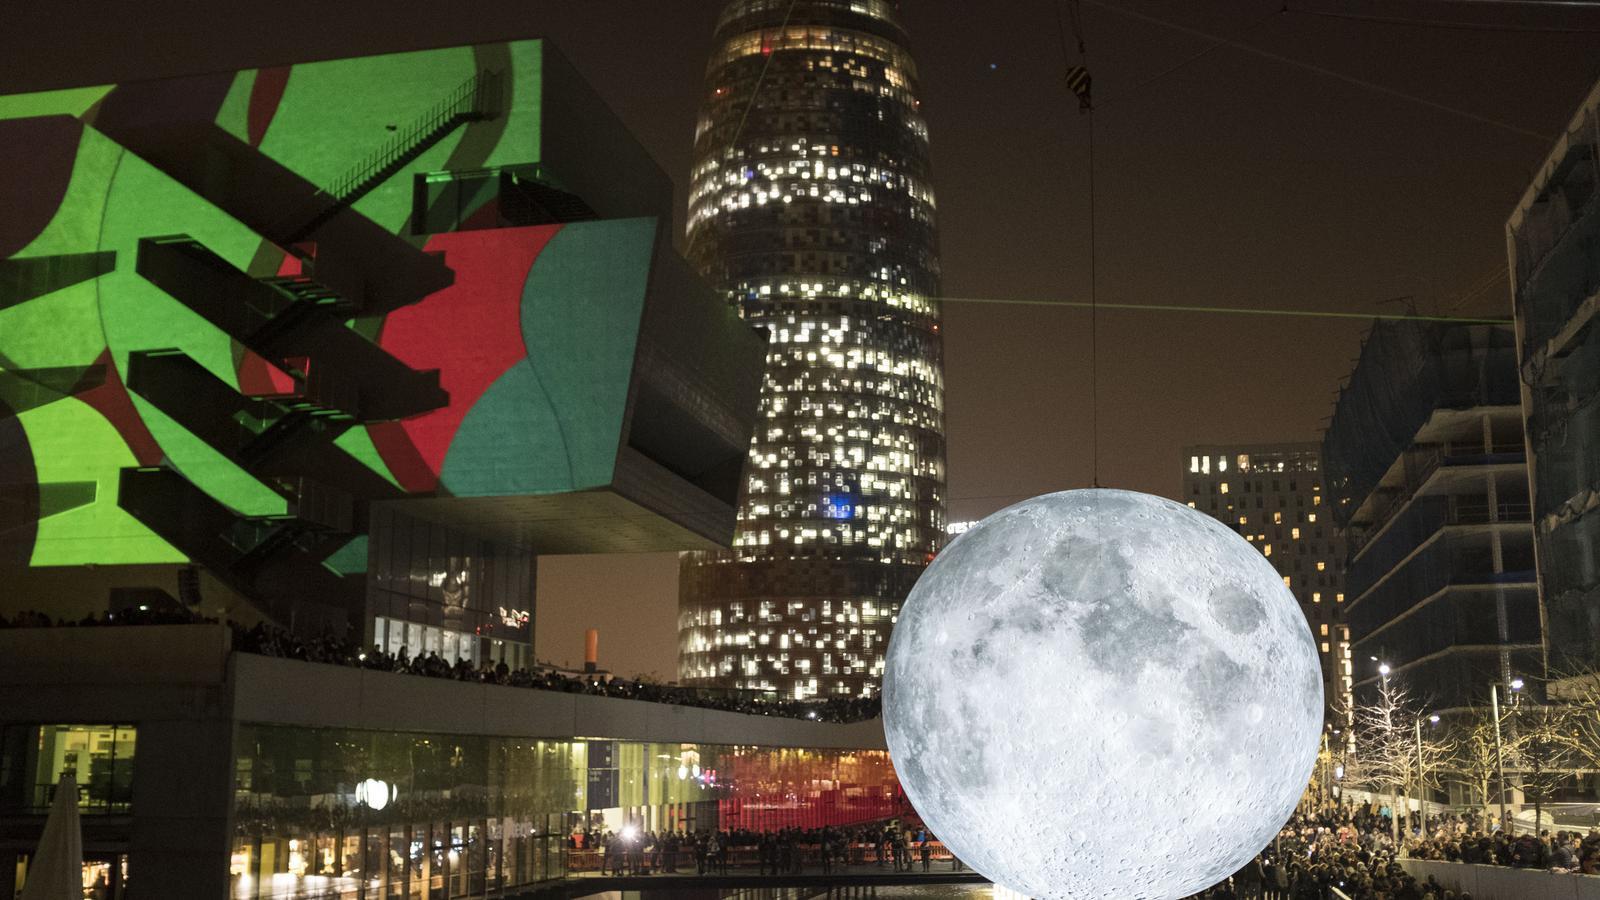 'Museum of the Moon' és una de les instal·lacions que hi ha l'estany del Disseny HUB Barcelona